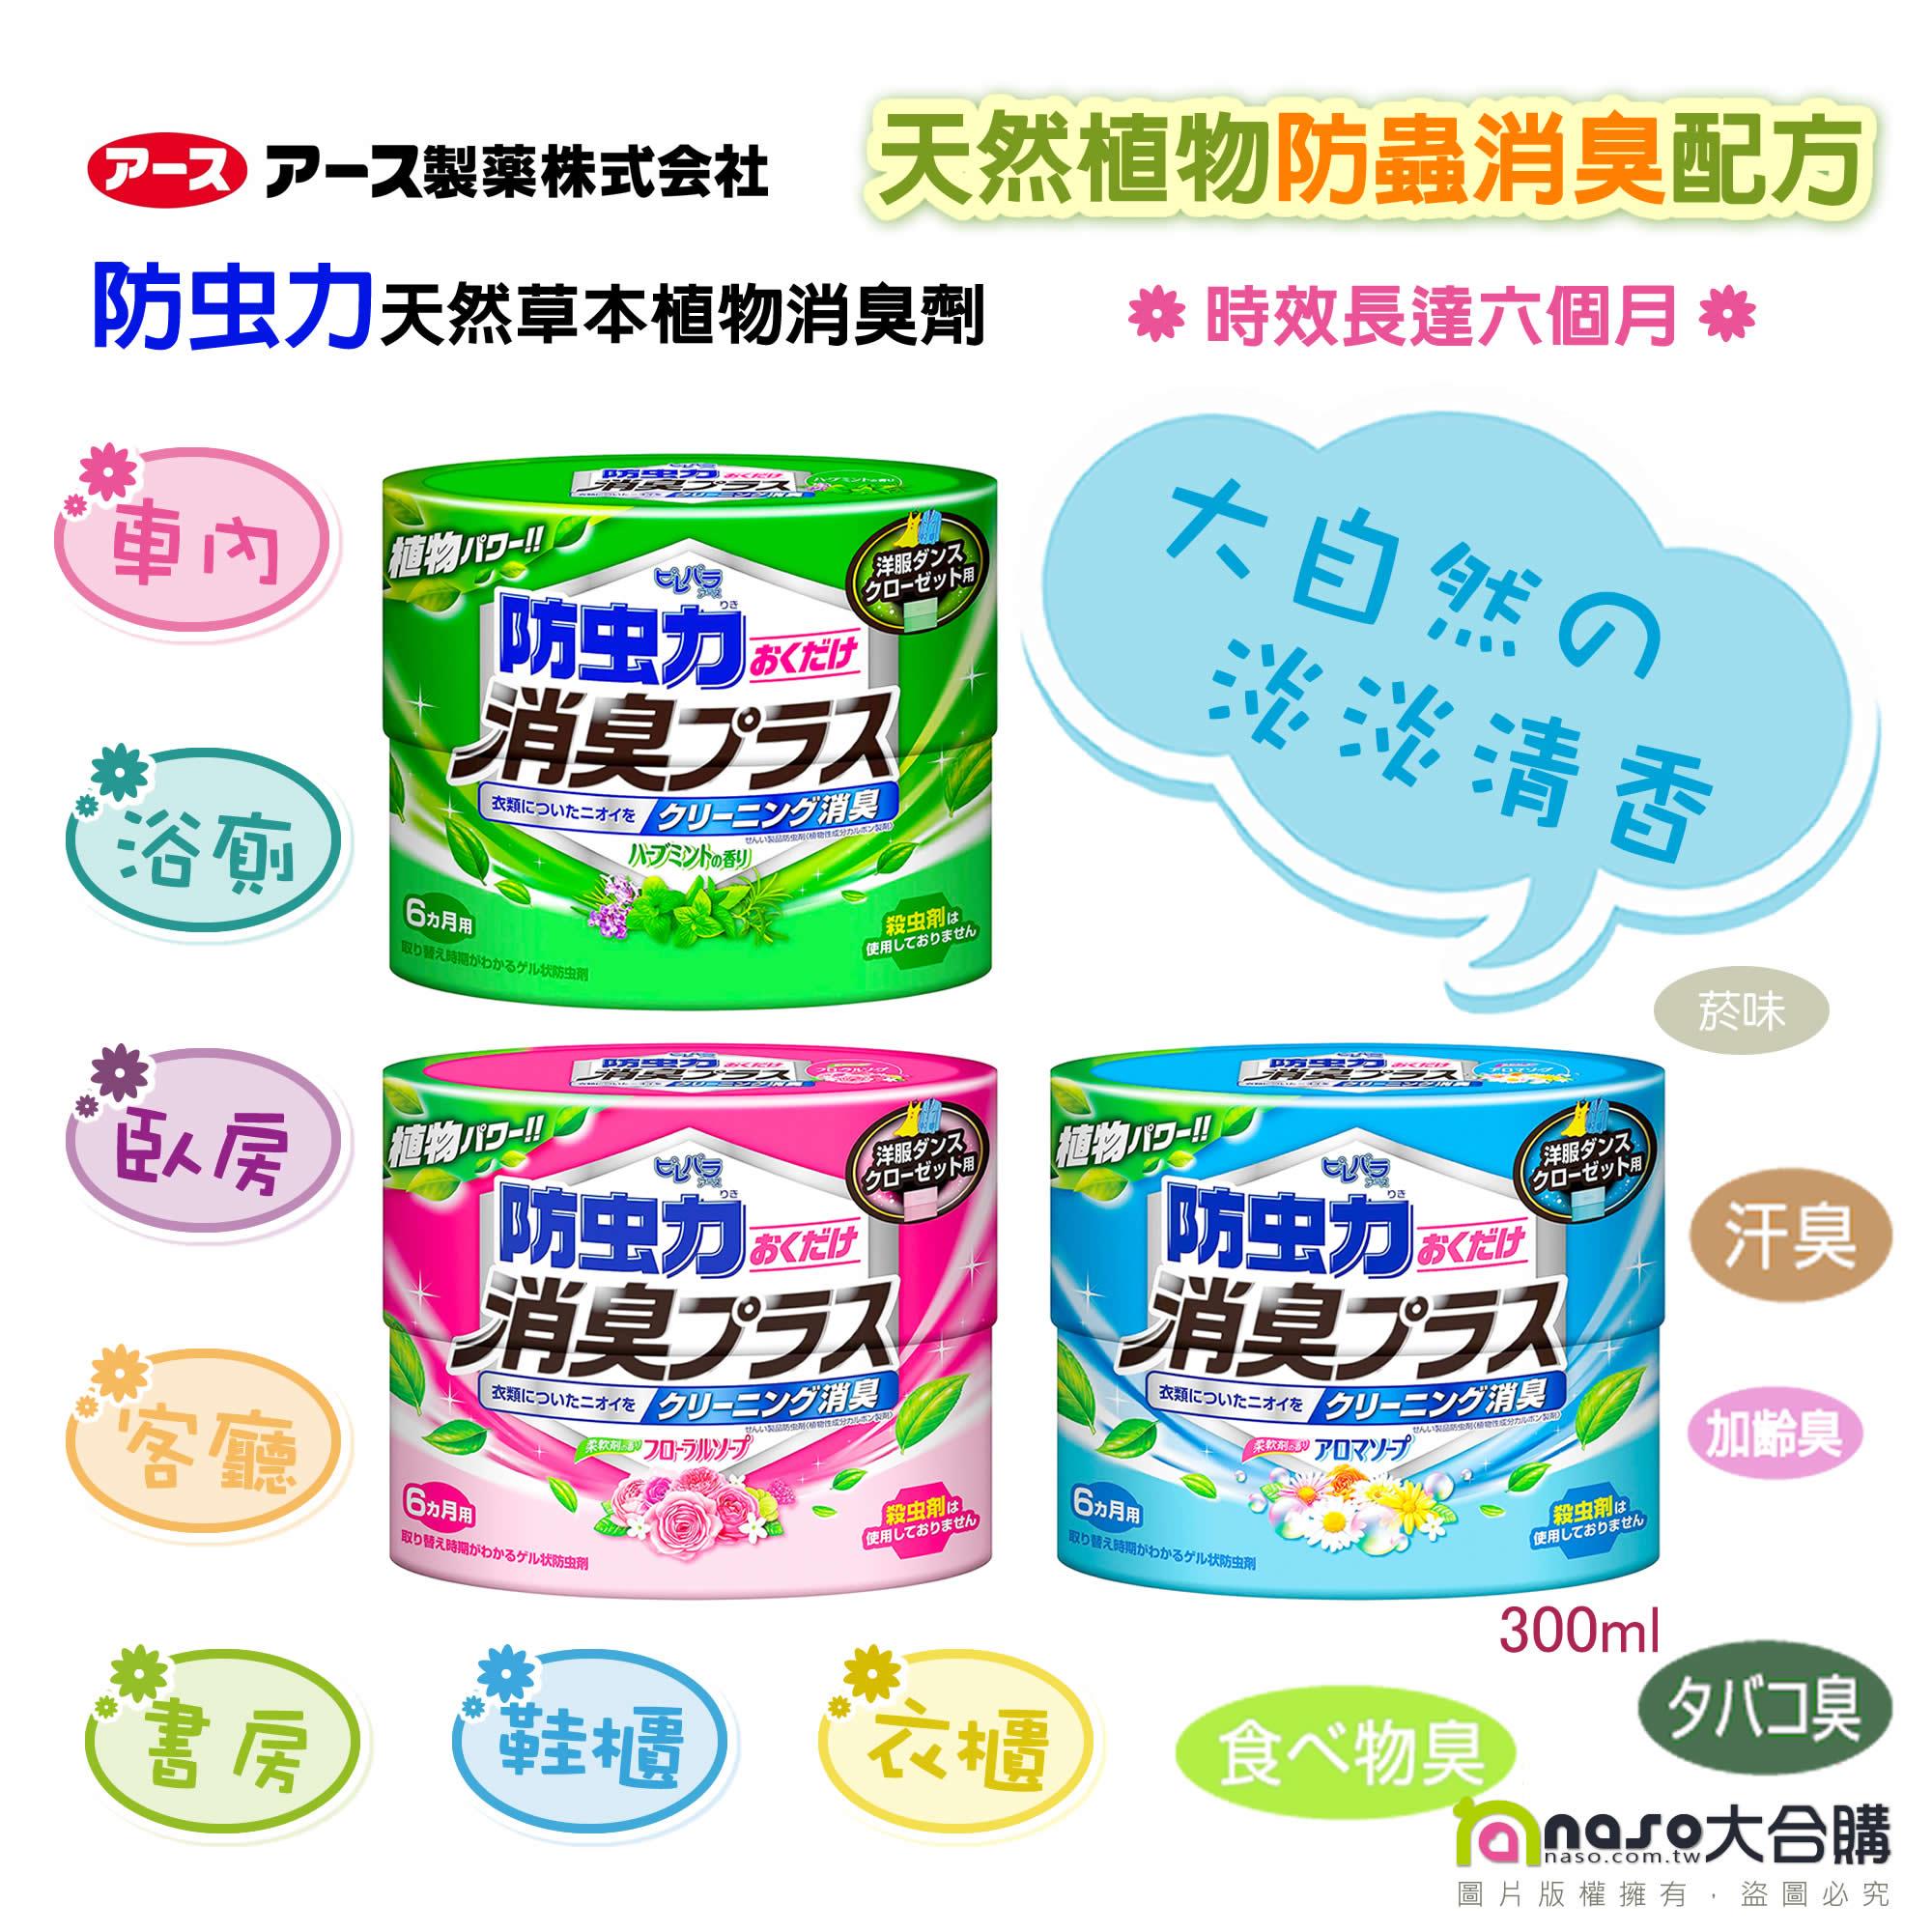 日本EARTH製藥 天然草本植物防蟲消臭劑 好評第8團